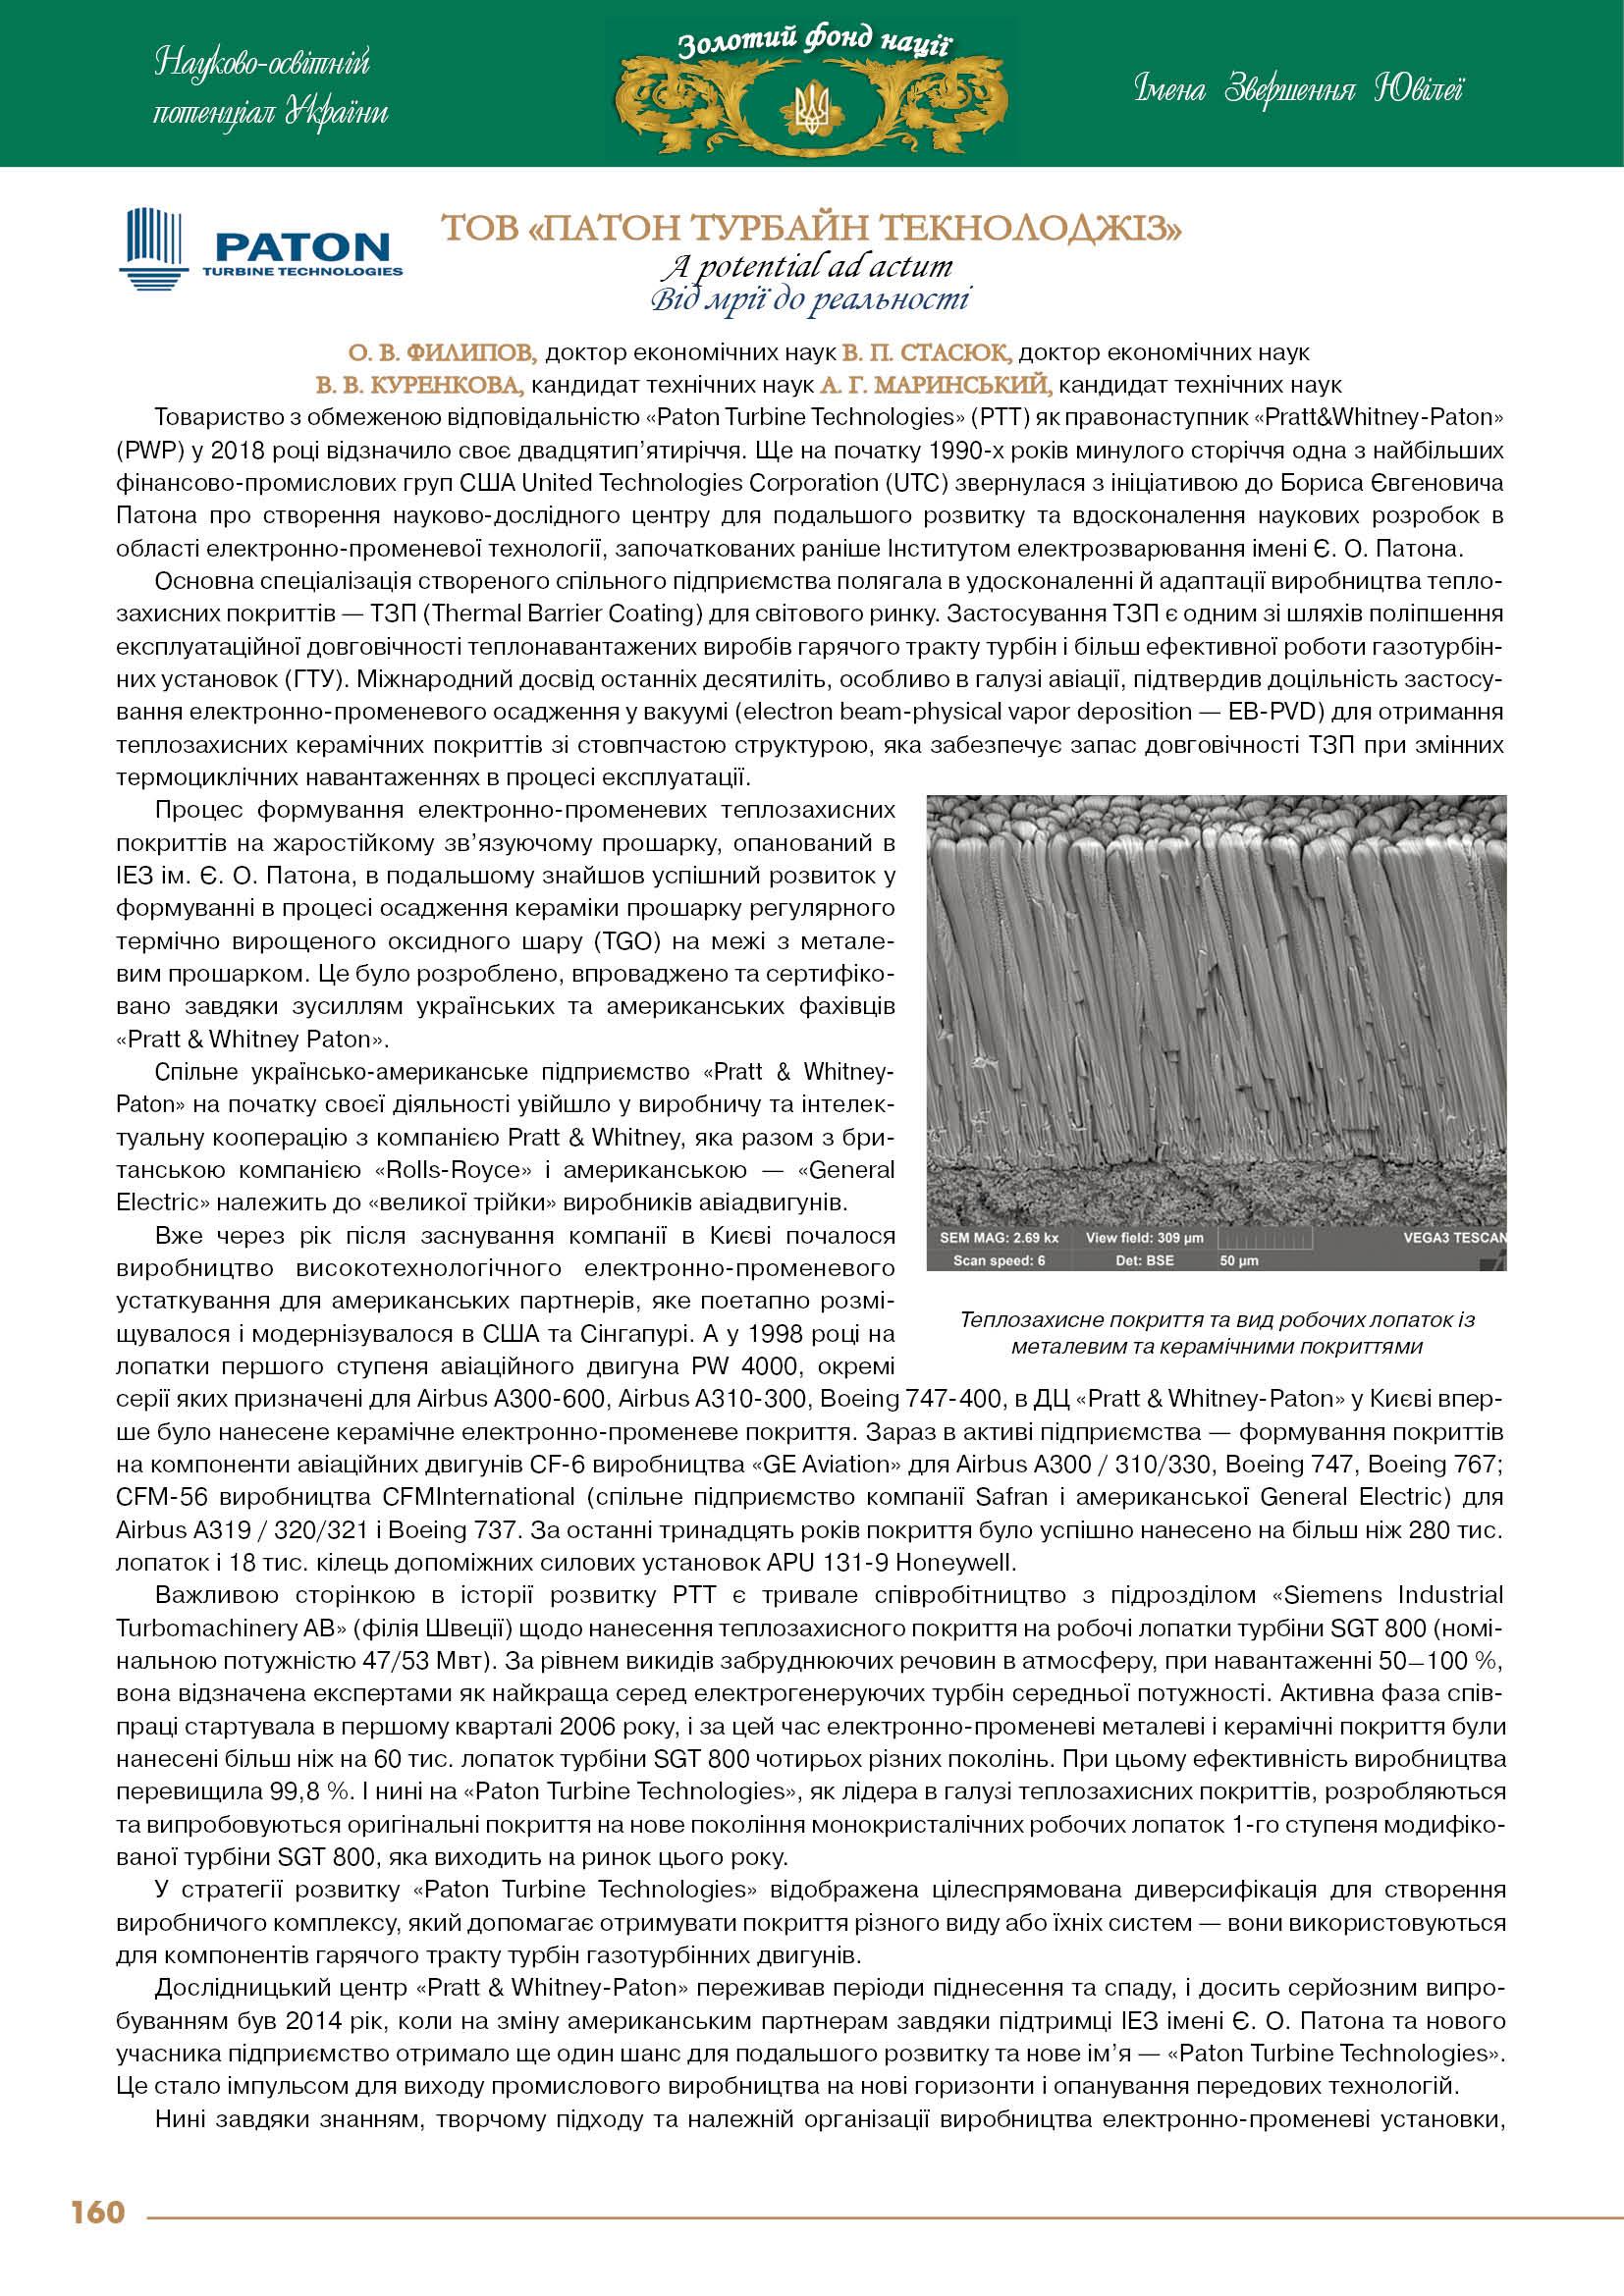 ТОВ «Патон Турбайн Текнолоджіз»